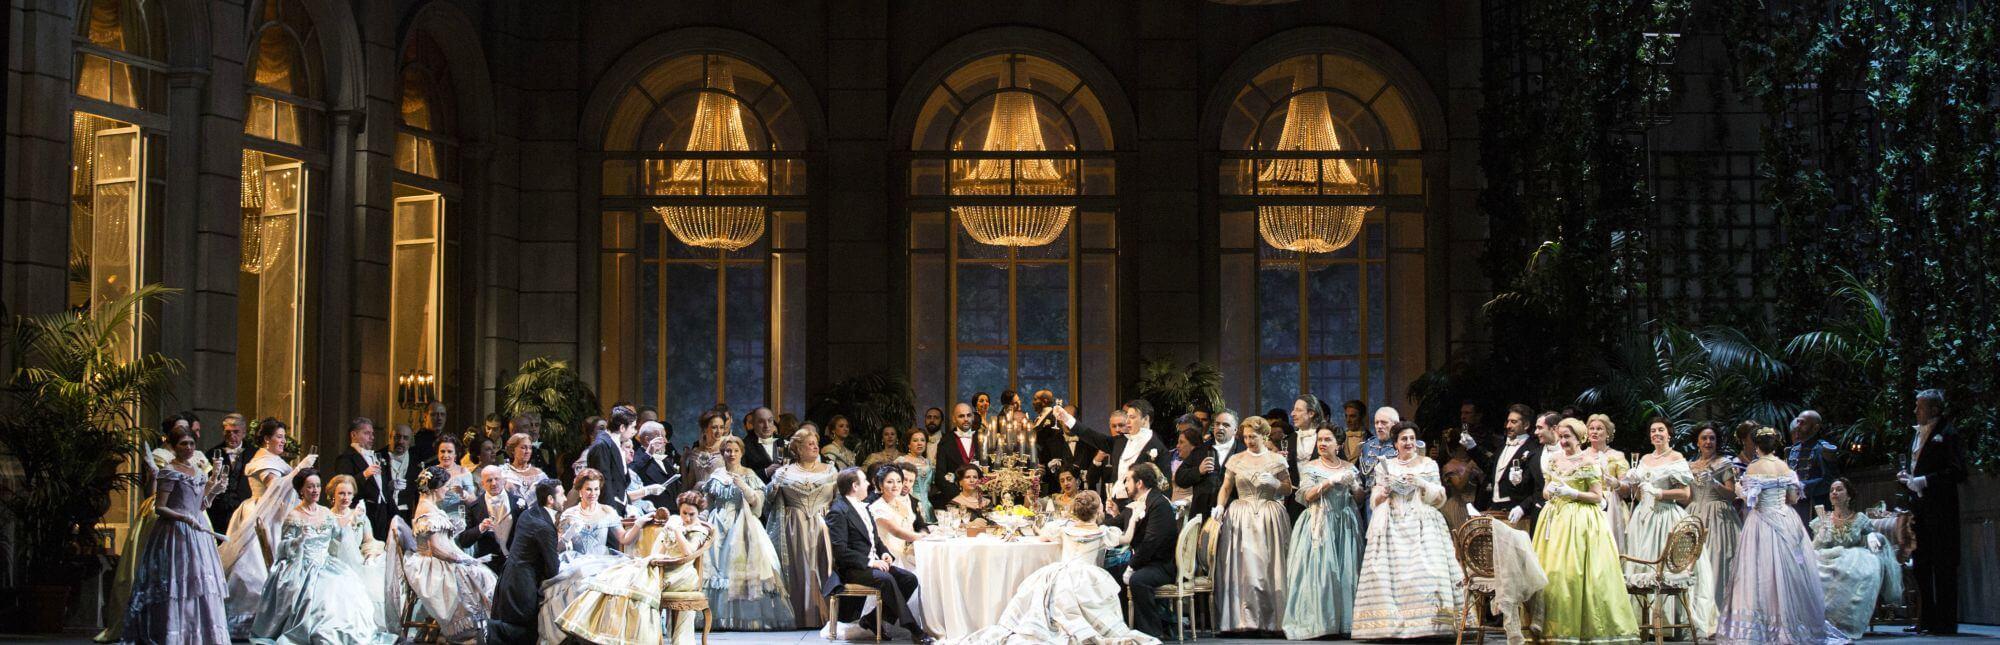 La Traviata, ovvero quanto rock è Verdi?